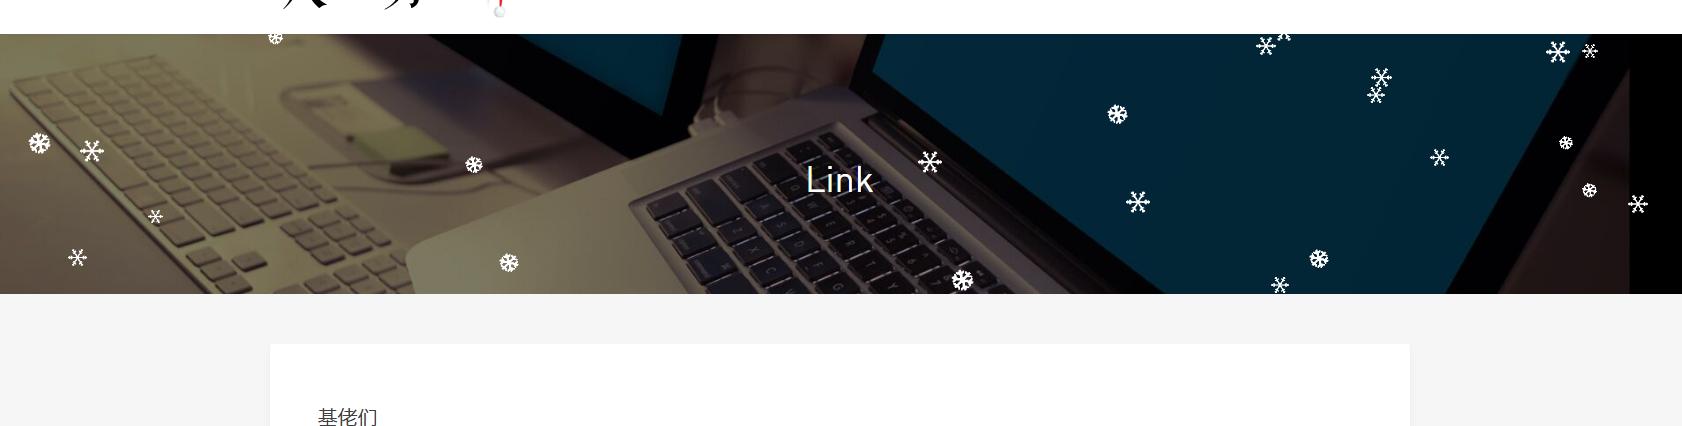 为你的WordPress添加下雪特效